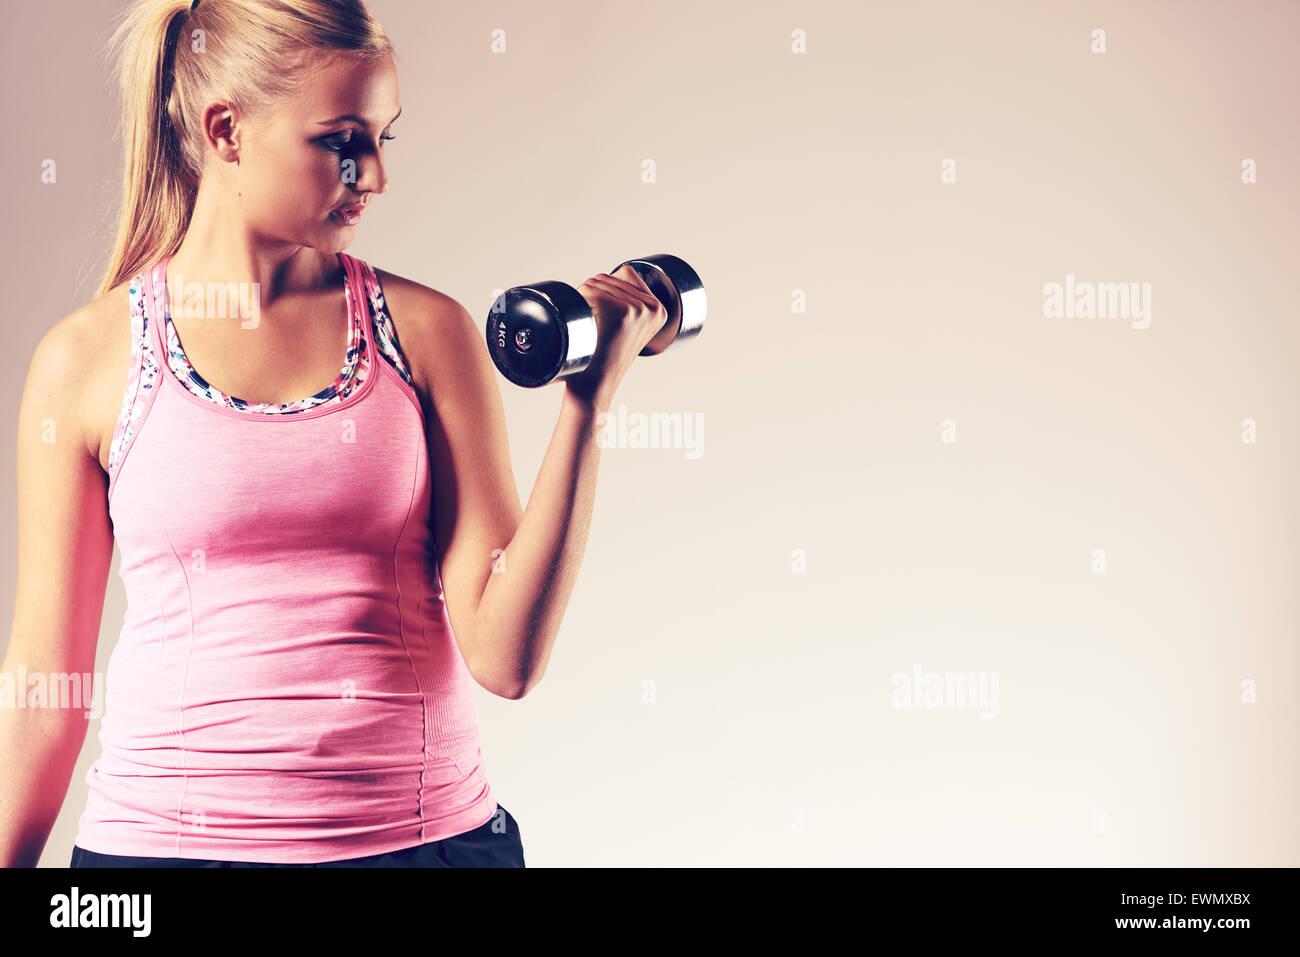 Mujer joven ejercitar la parte superior del cuerpo haciendo un curl bíceps con pesas libres. Imagen De Stock